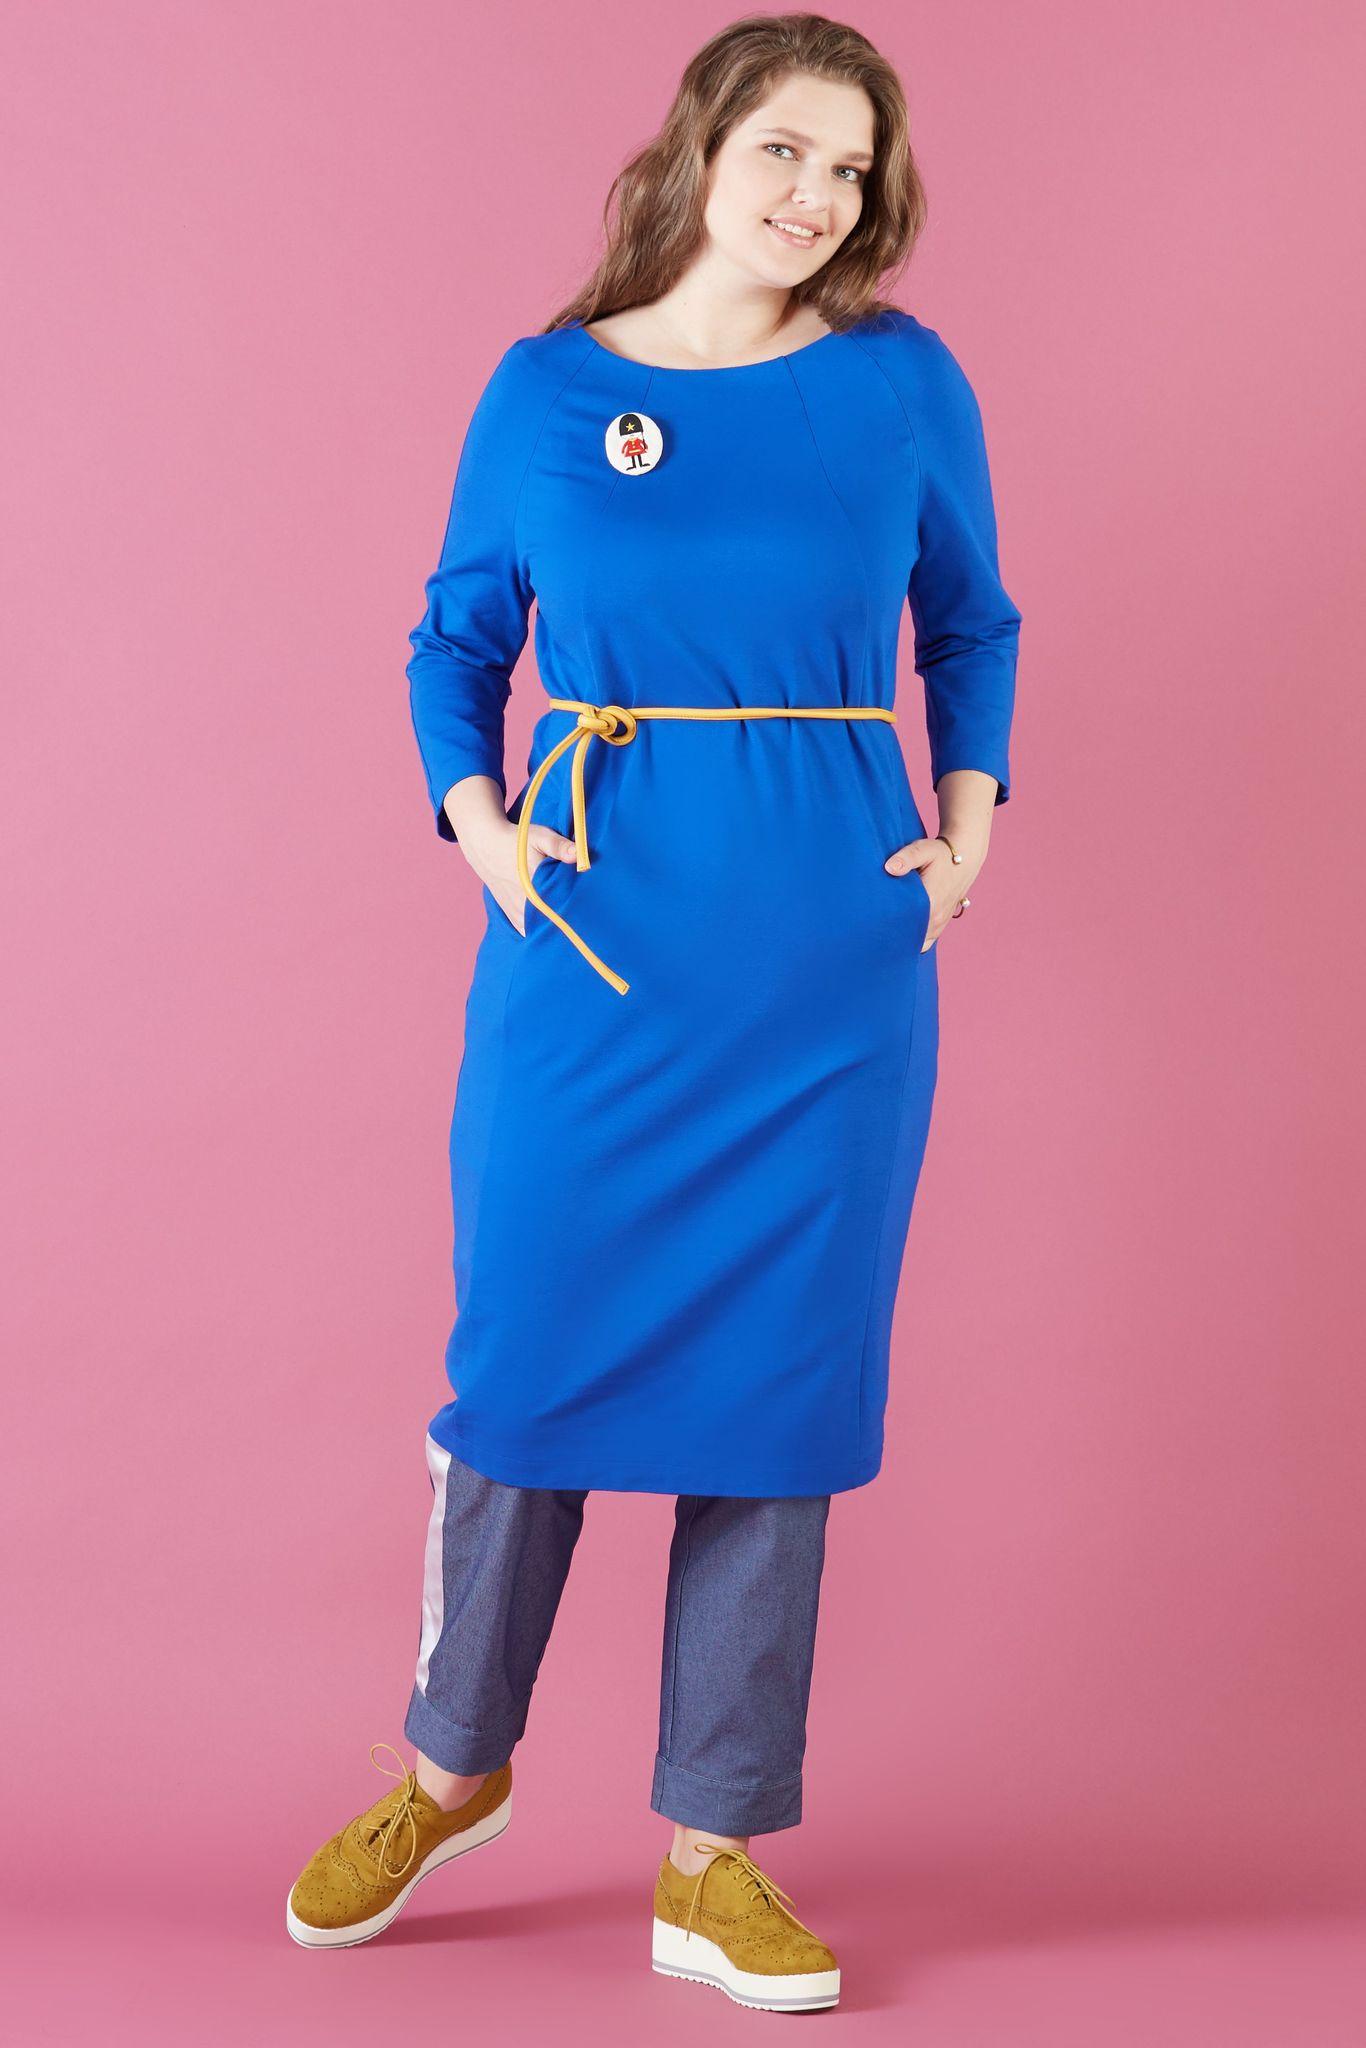 Платье BASE D1 DM 37Платья<br>Маленькое элегантное и функциональное платье. Платье с незаметными, но функциональными карманами и идеально для всех случаев жизни. Внимание повышенная износостойкость материала позволит Вам наслаждаться этим платьем не один сезон.<br>